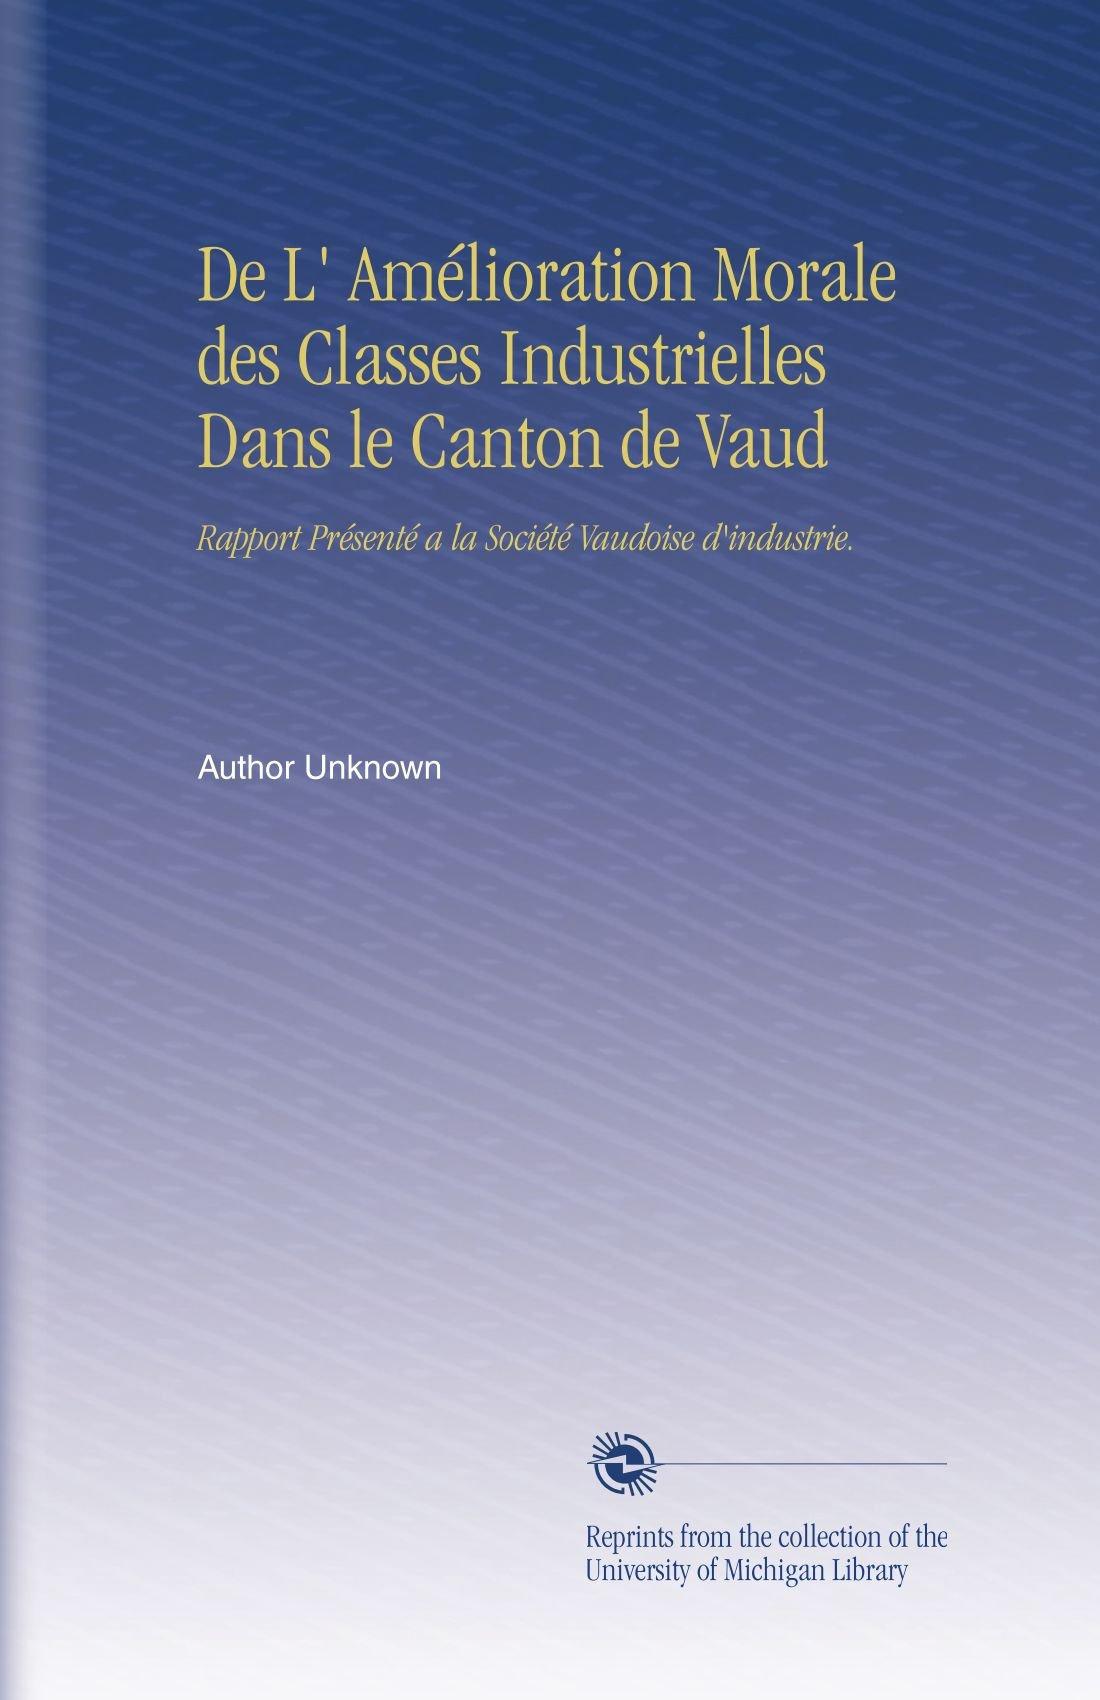 Download De L' Amélioration Morale des Classes Industrielles Dans le Canton de Vaud: Rapport Présenté a la Société Vaudoise d'industrie. (French Edition) pdf